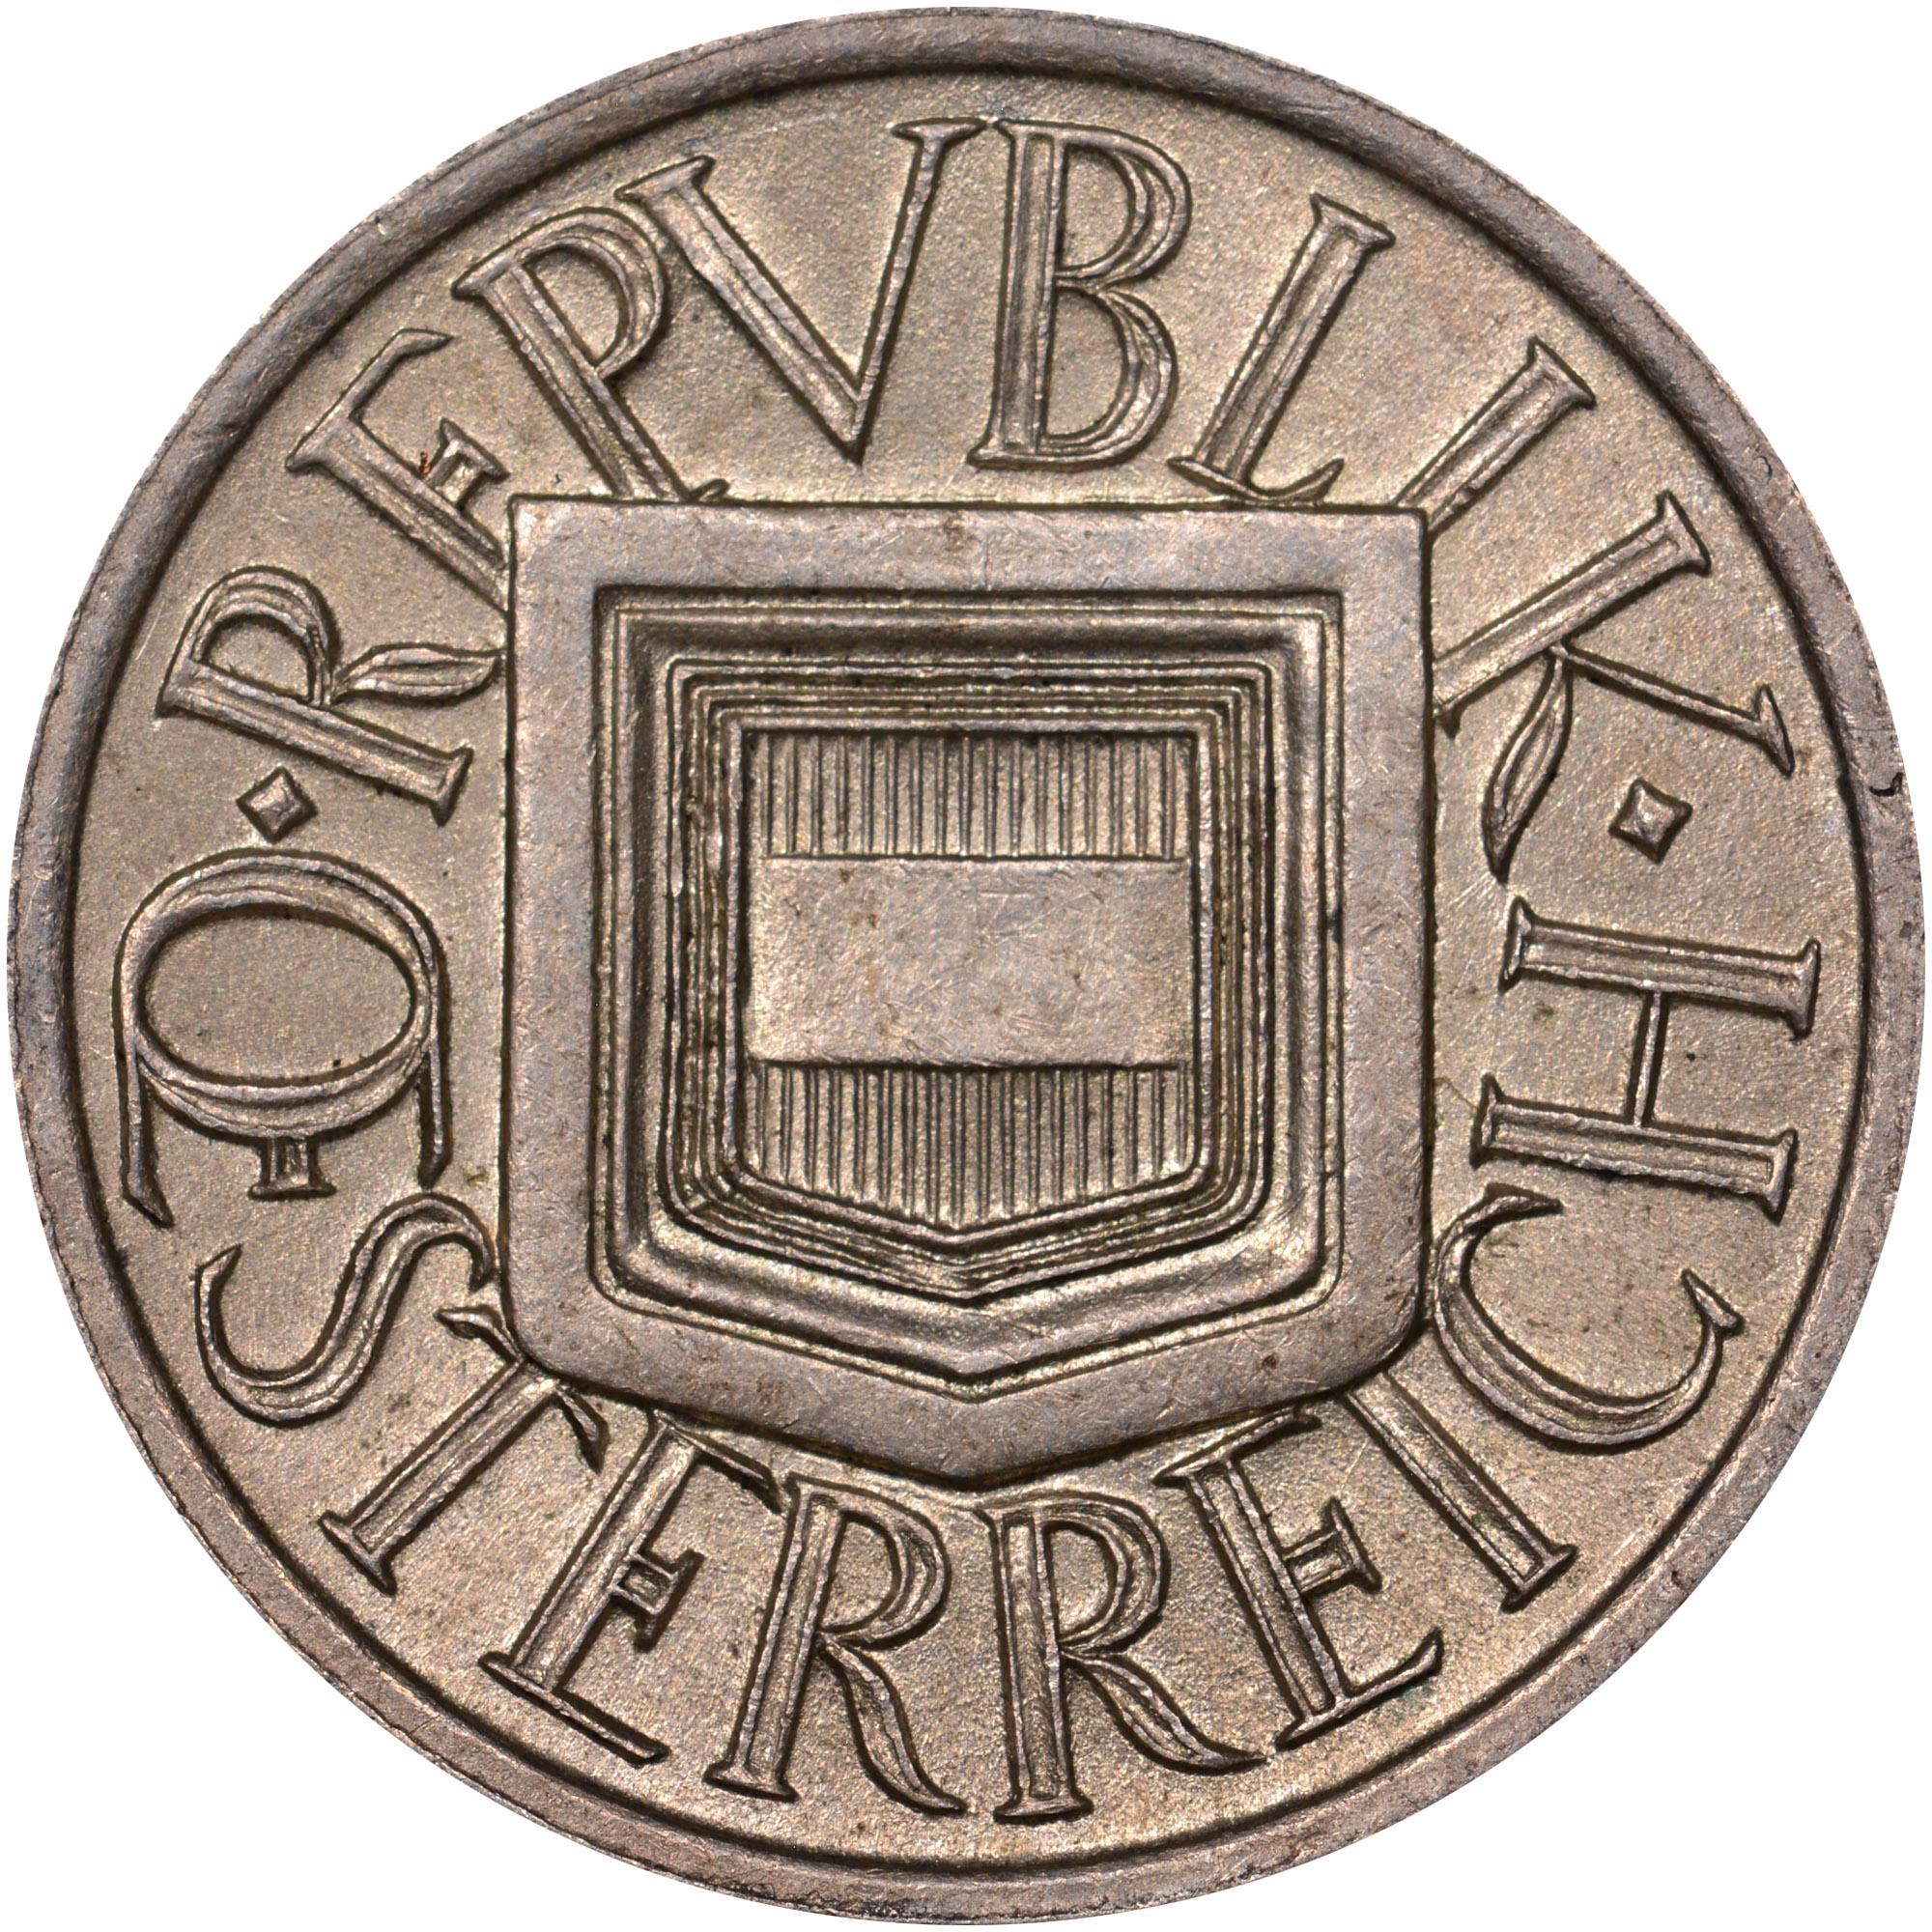 1925-1926 Austria 1/2 Schilling obverse